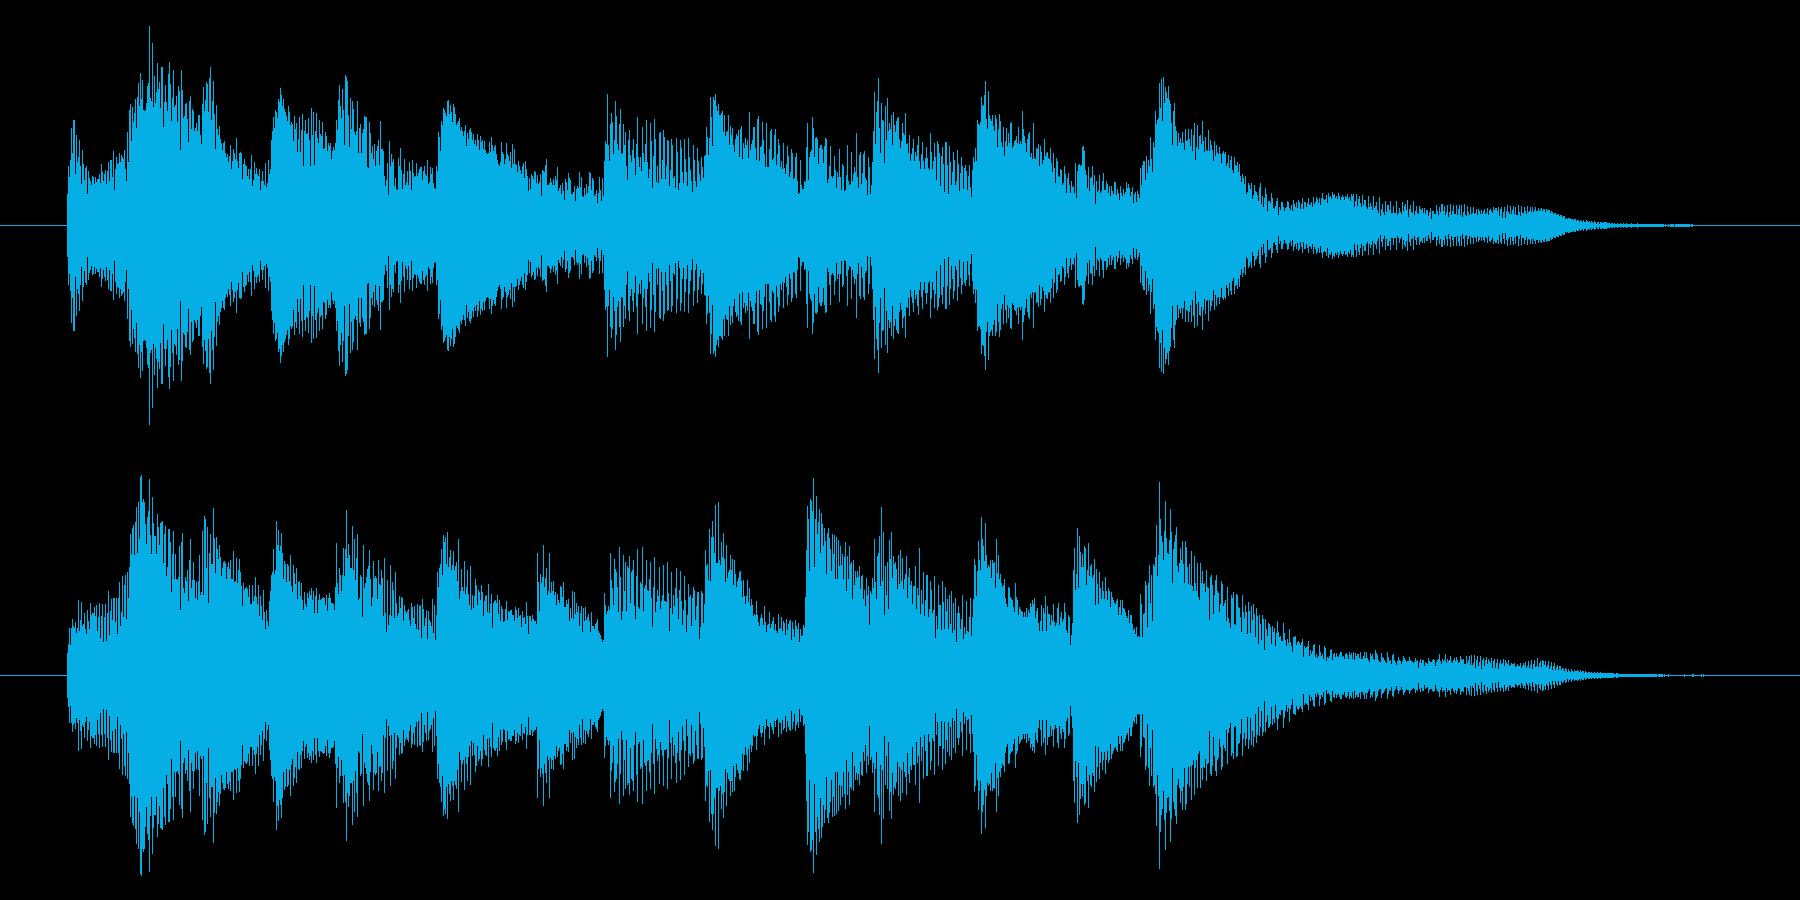 爽やかなピアノジングル 5秒の再生済みの波形